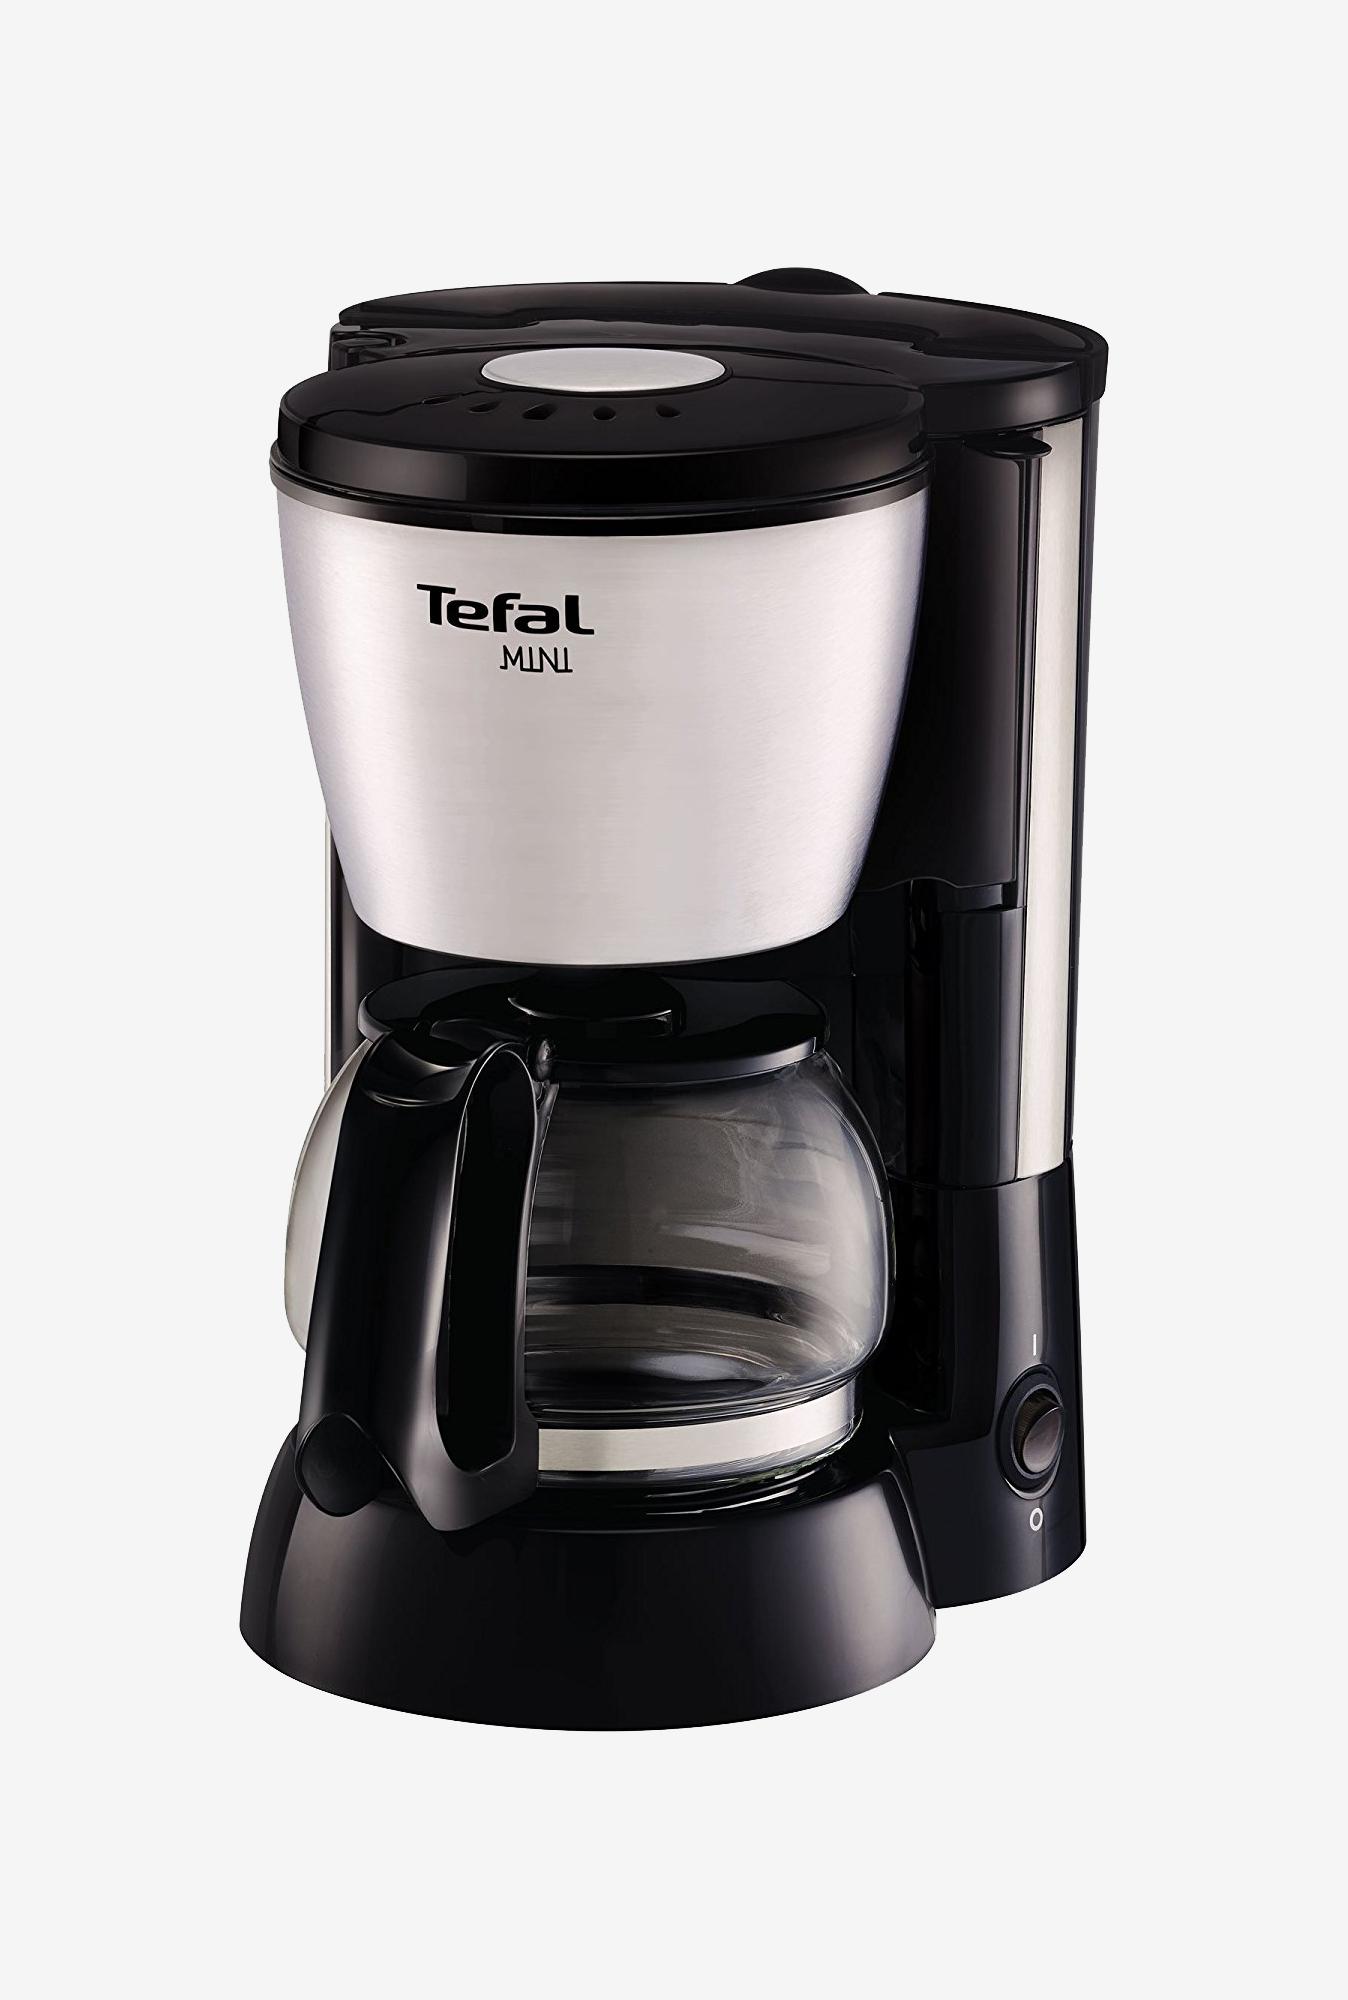 Tefal Recia Cm110 6 Cup Coffee Maker Black